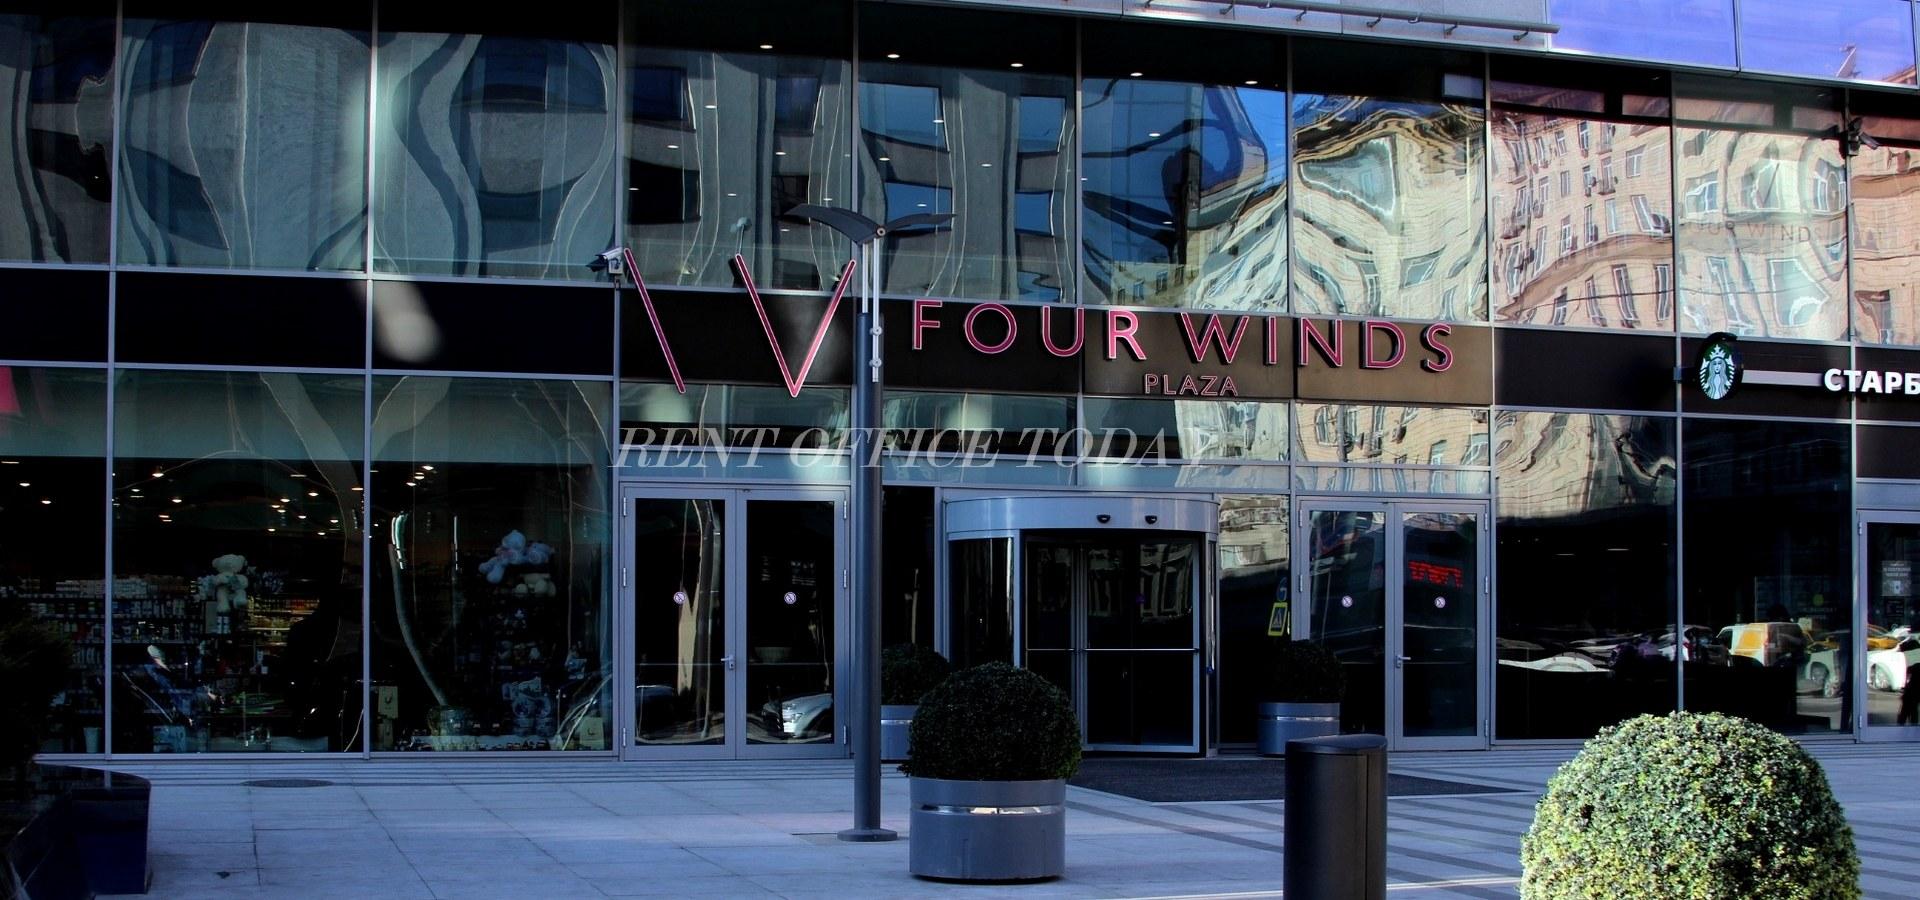 4-Winds-plaza